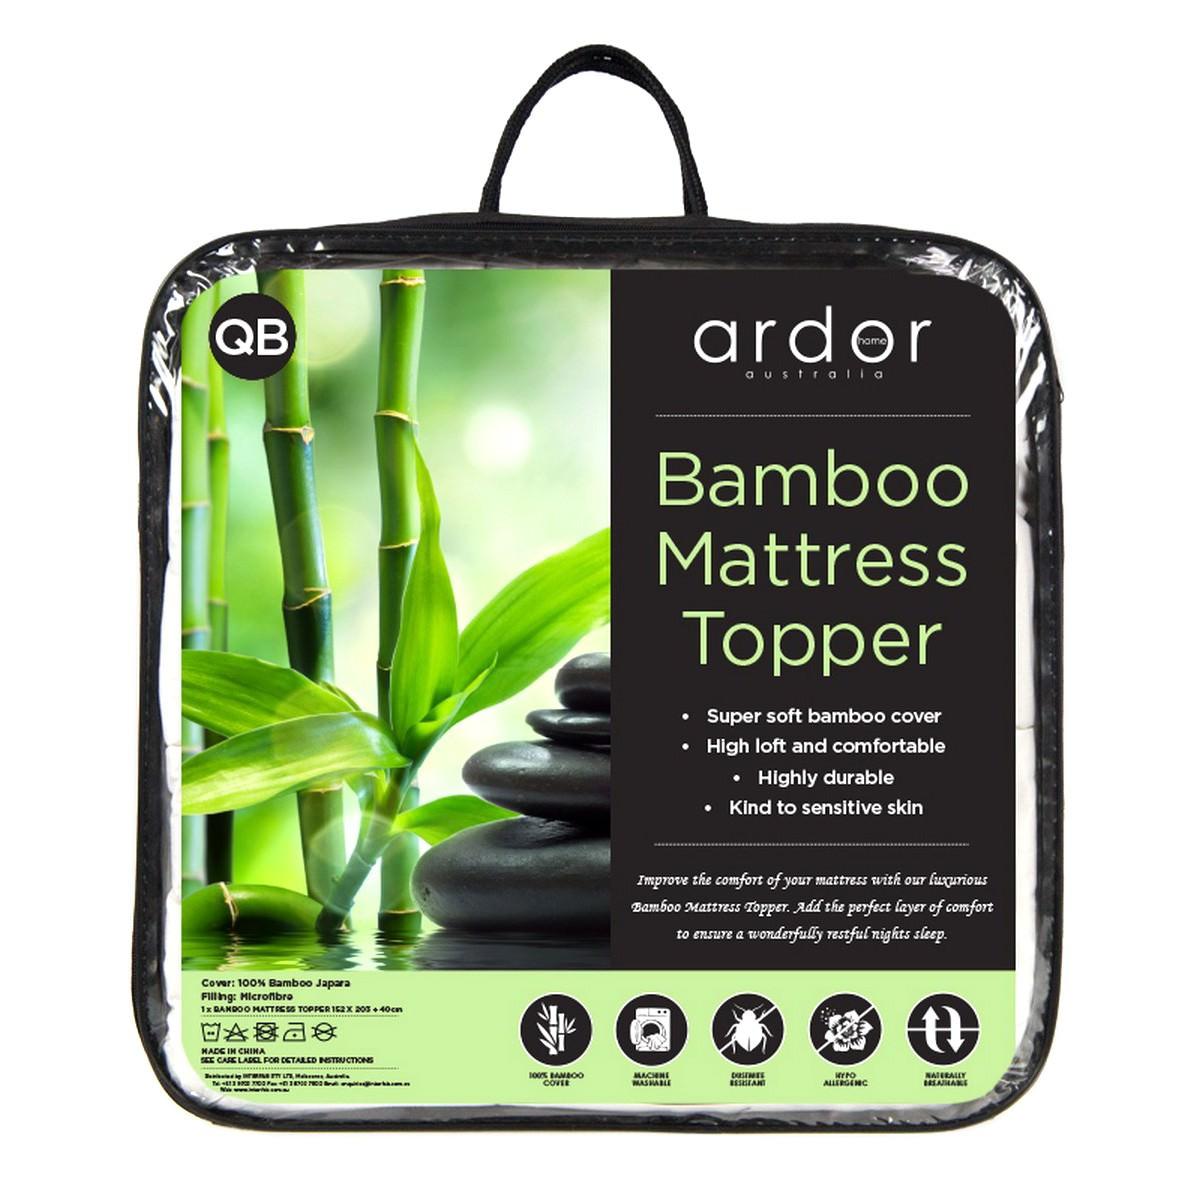 Ardor Bamboo Mattress Topper, King